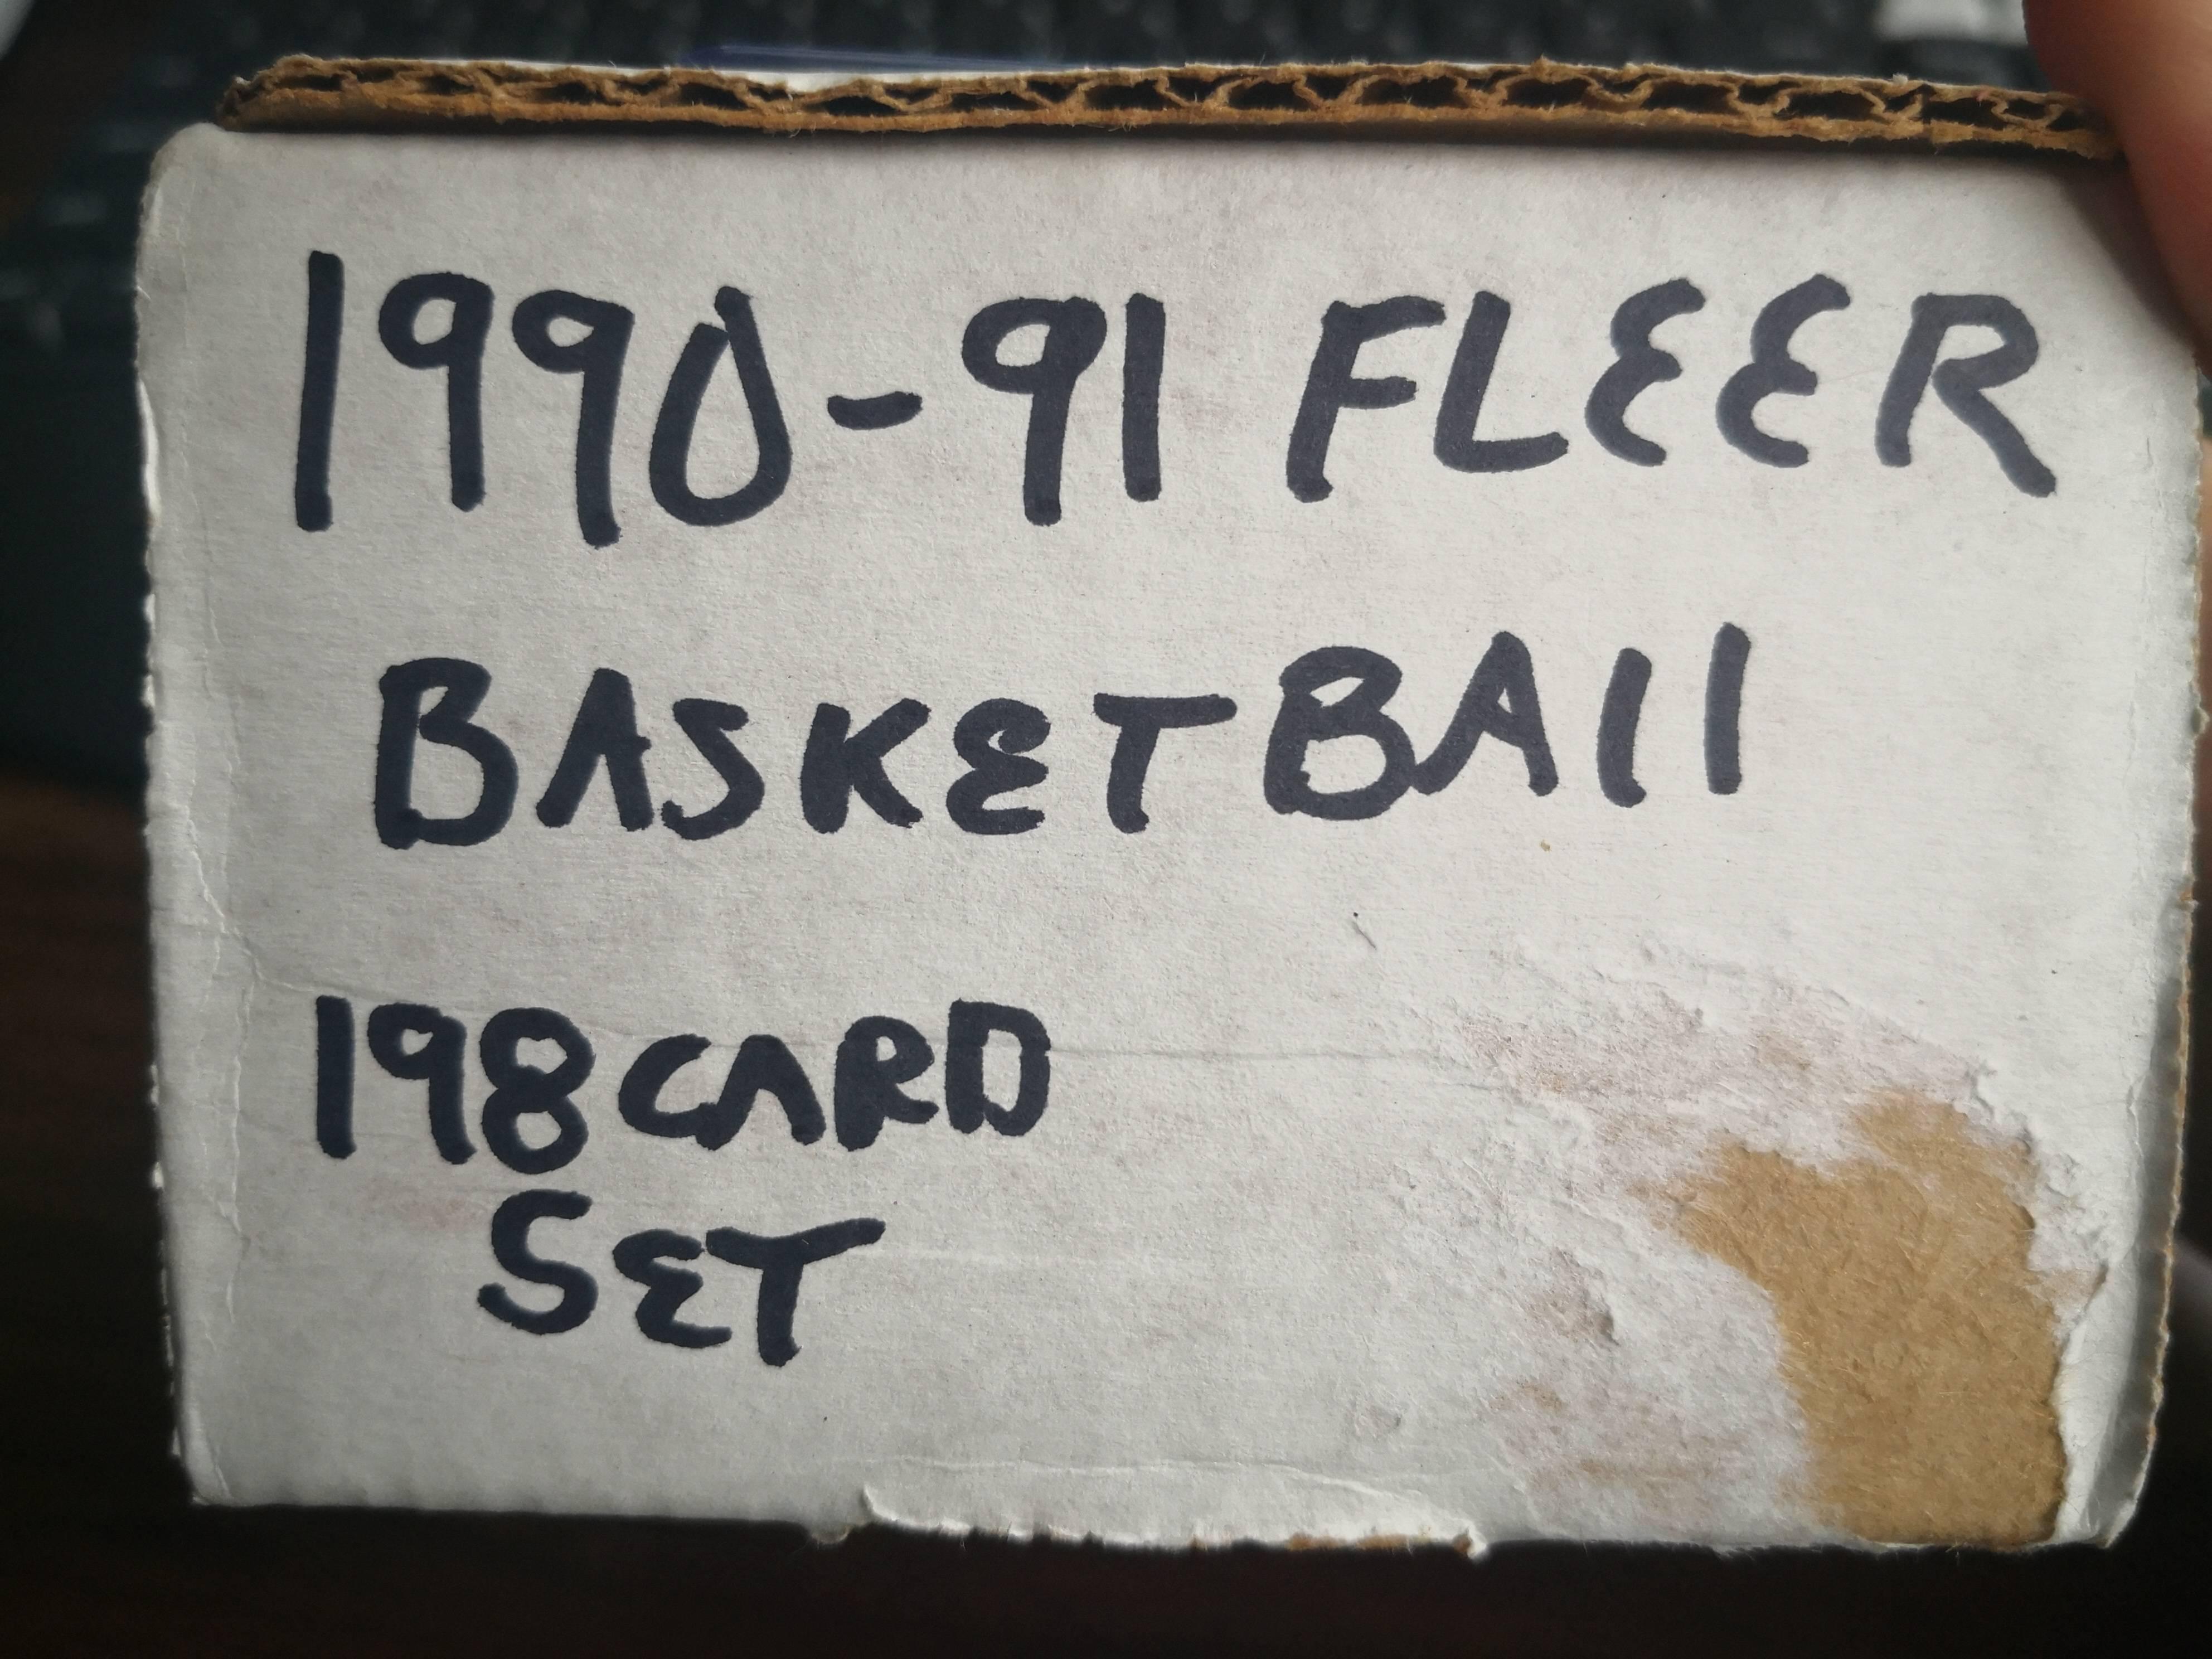 【哈卡拍卖】9091 fleer 篮球卡 套卡 198张全,含两张list 乔丹 皮蓬等巨星。30年老卡,十分难得,大多卡品9分以上。四角尖尖